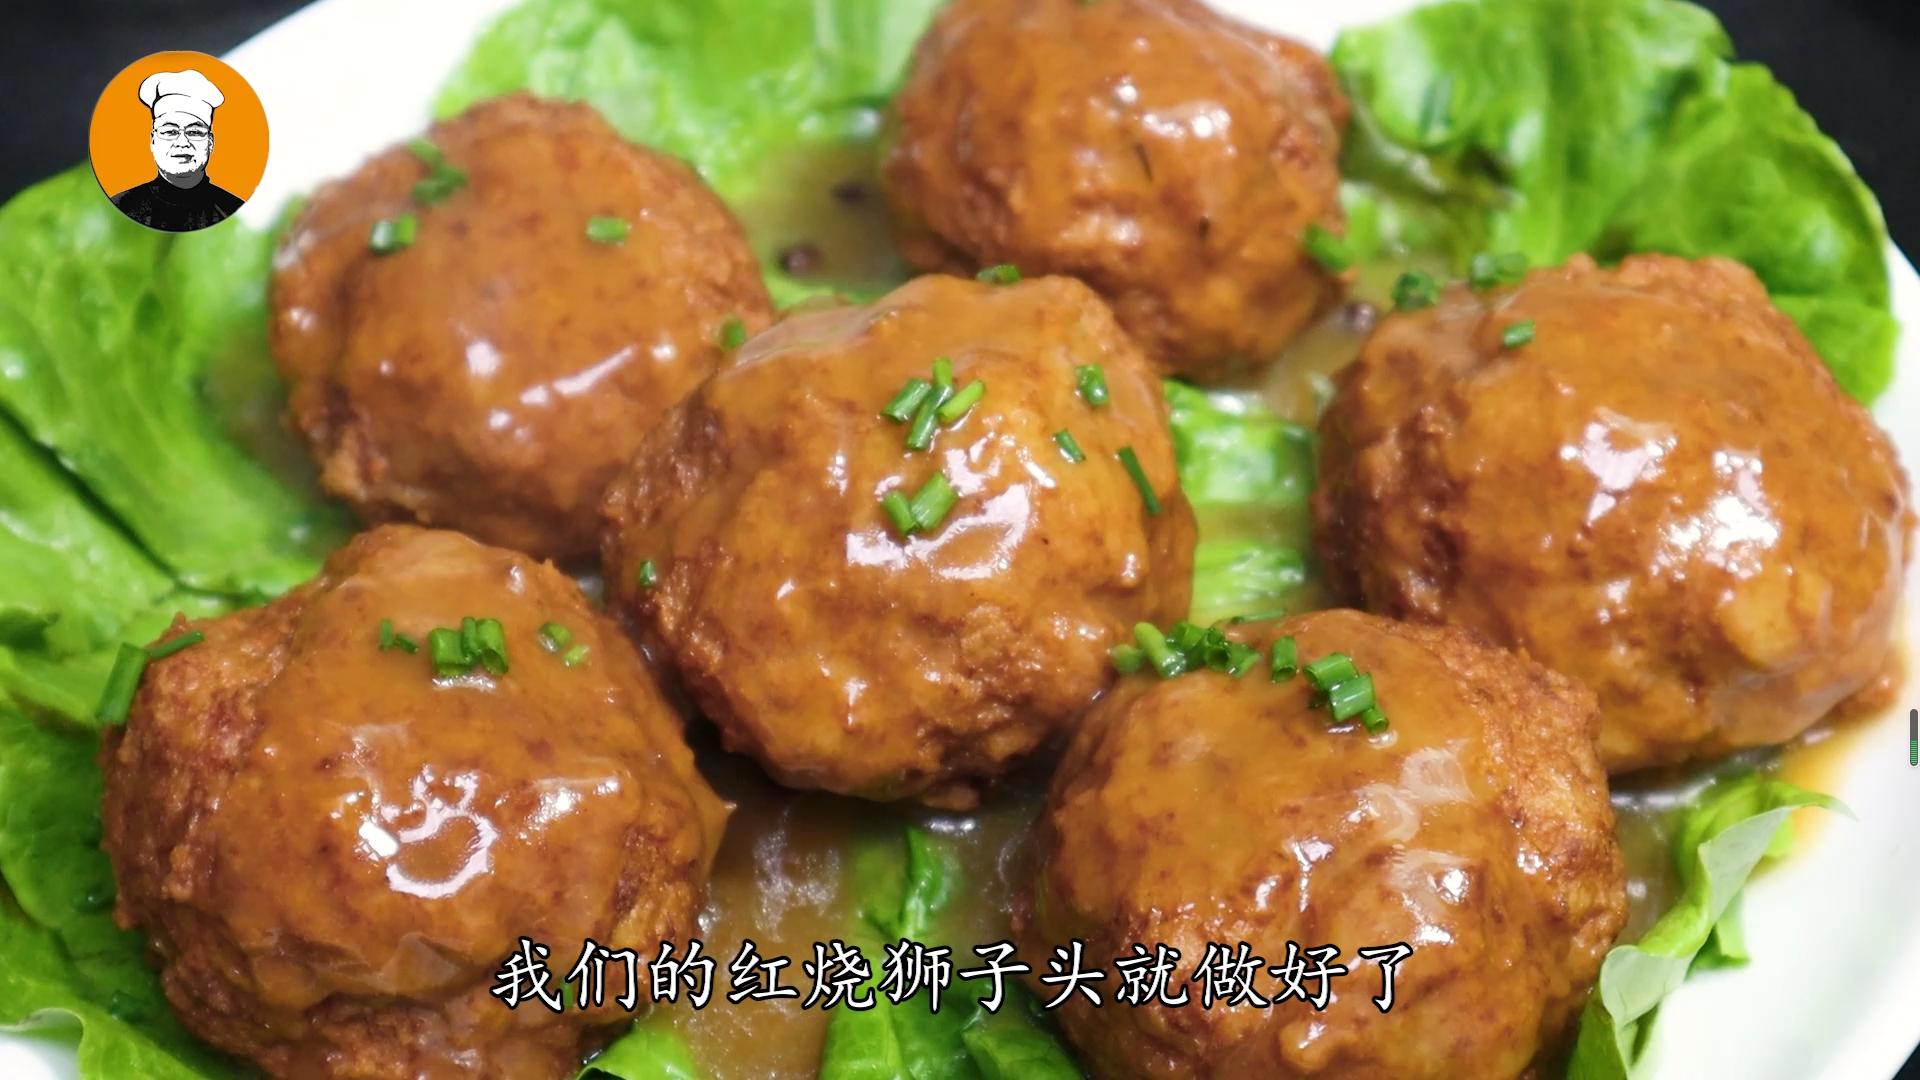 红烧狮子头正确做法,大厨手把手教你,软糯鲜香不肥腻,值得一试 美食做法 第11张